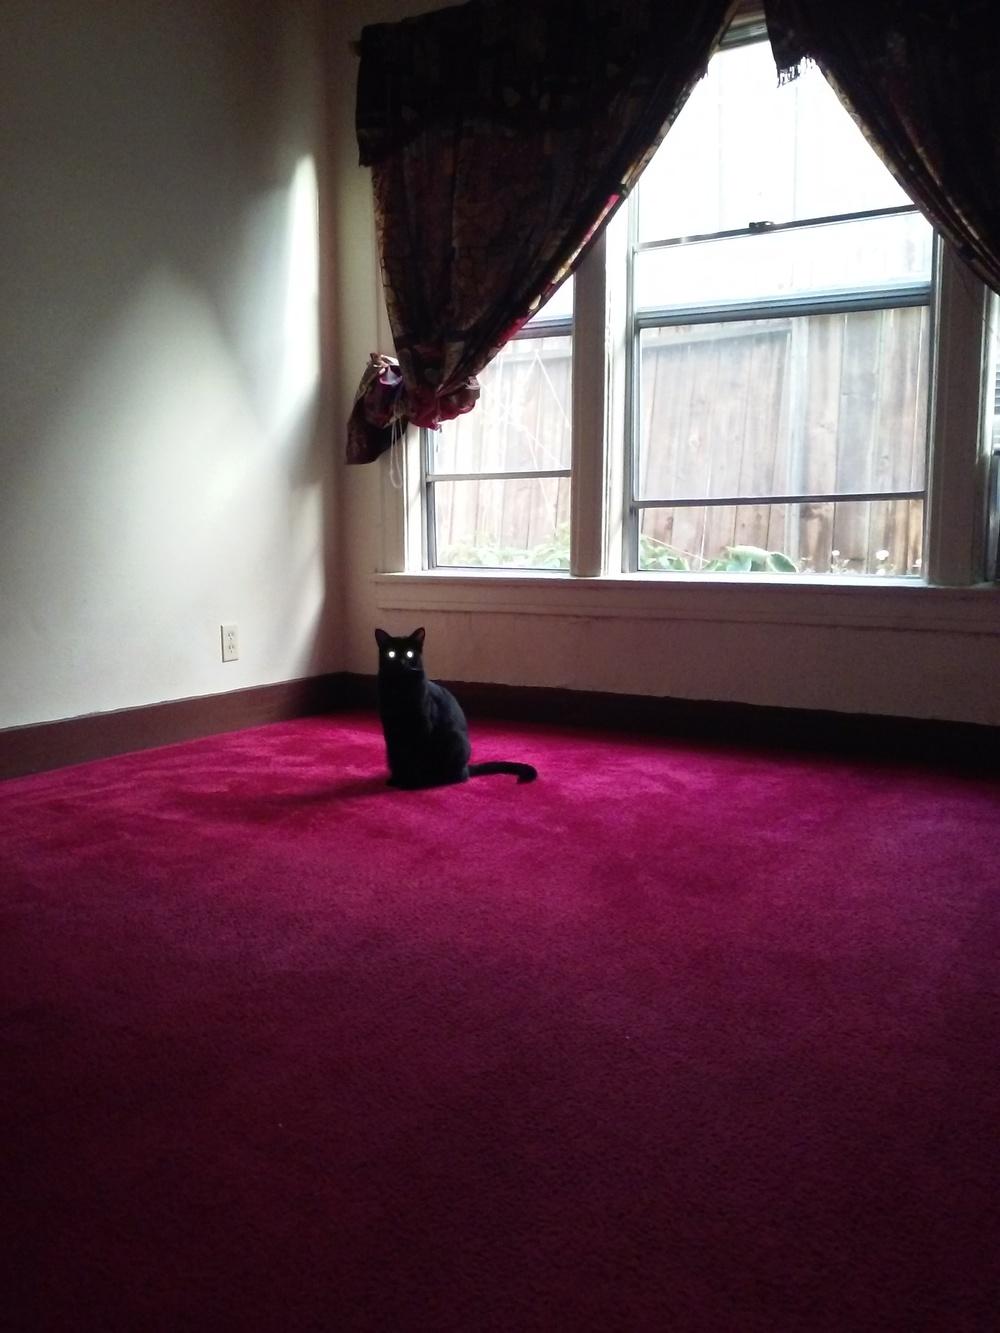 Black-Cat-Manuel-De-Jesus-Munoz-jessewaugh.com.jpg